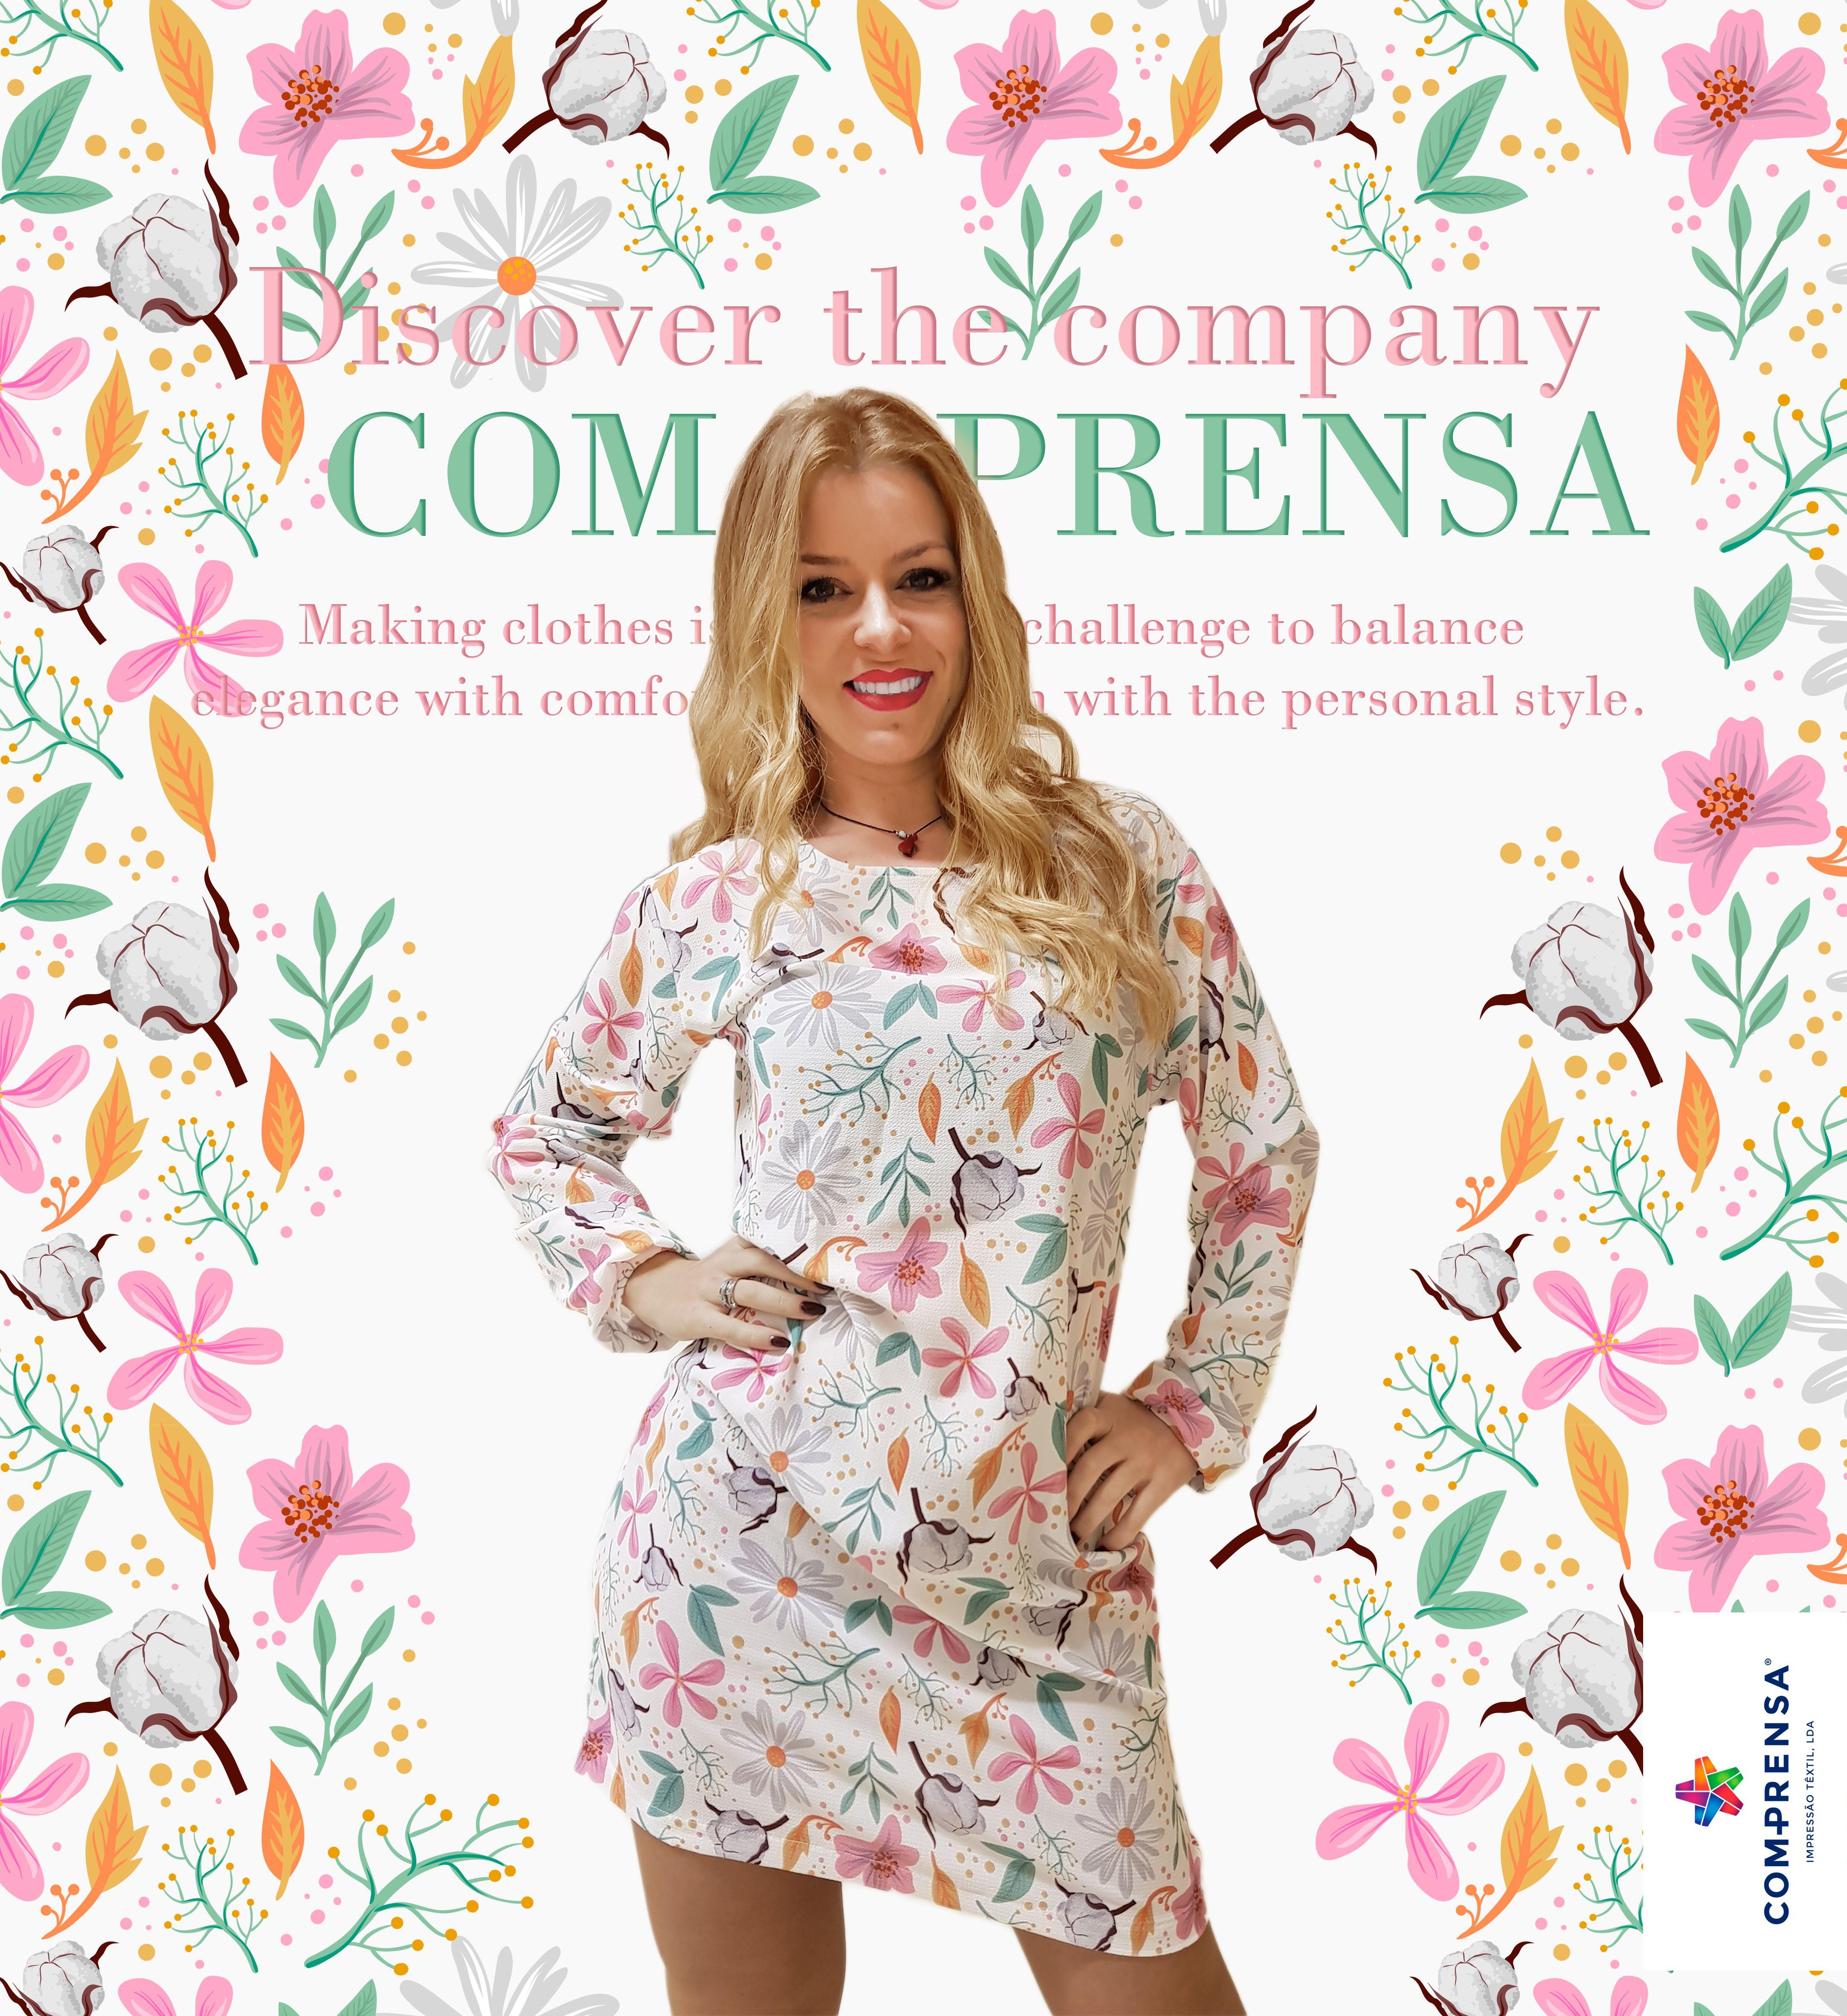 COM-PRENSA